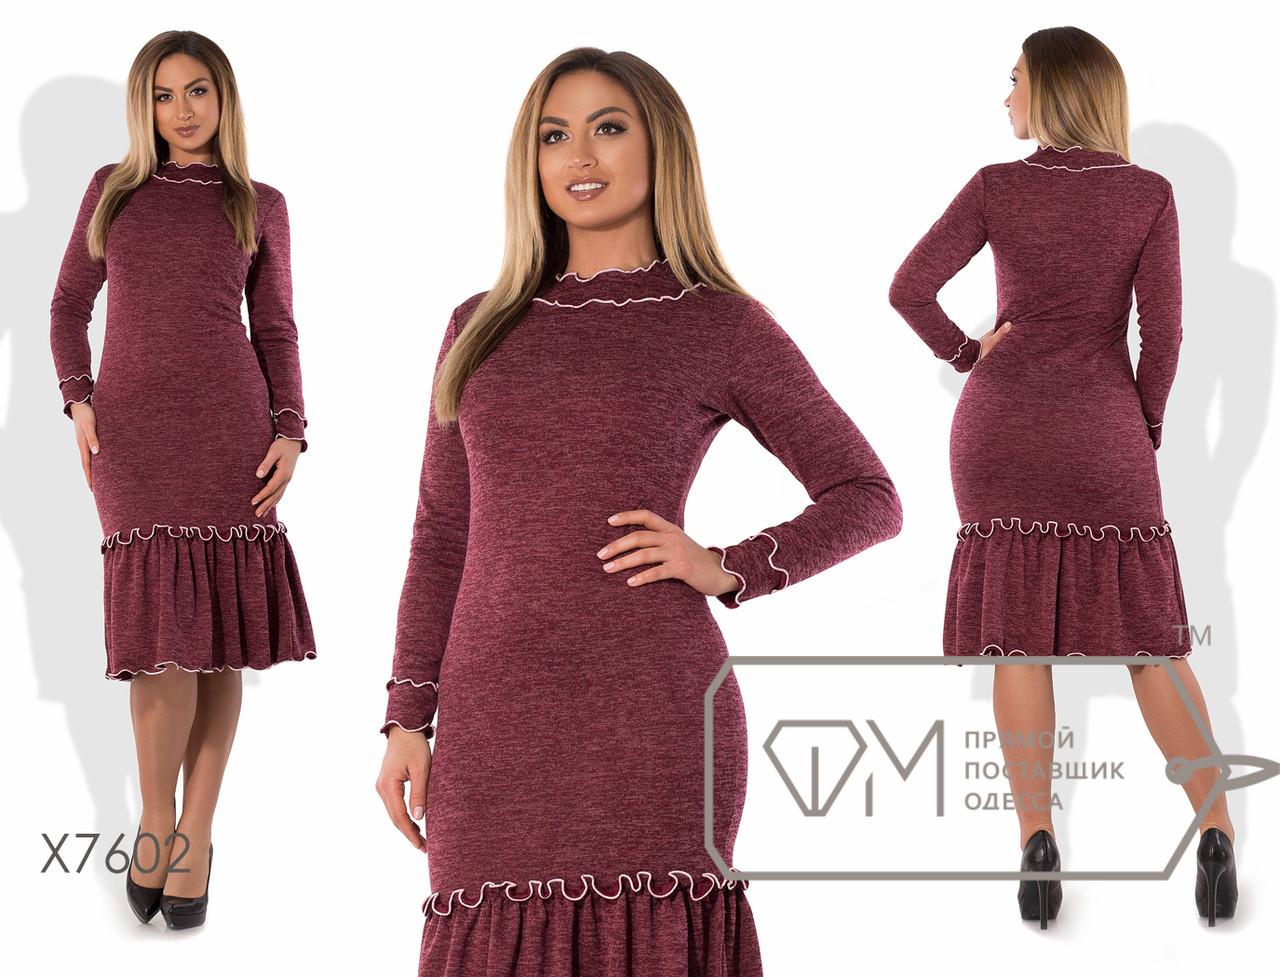 Платье-футляр миди облегающее из ангоры софт с широкой оборкой по подолу и отделкой контрастными спиральными рюшами X7602